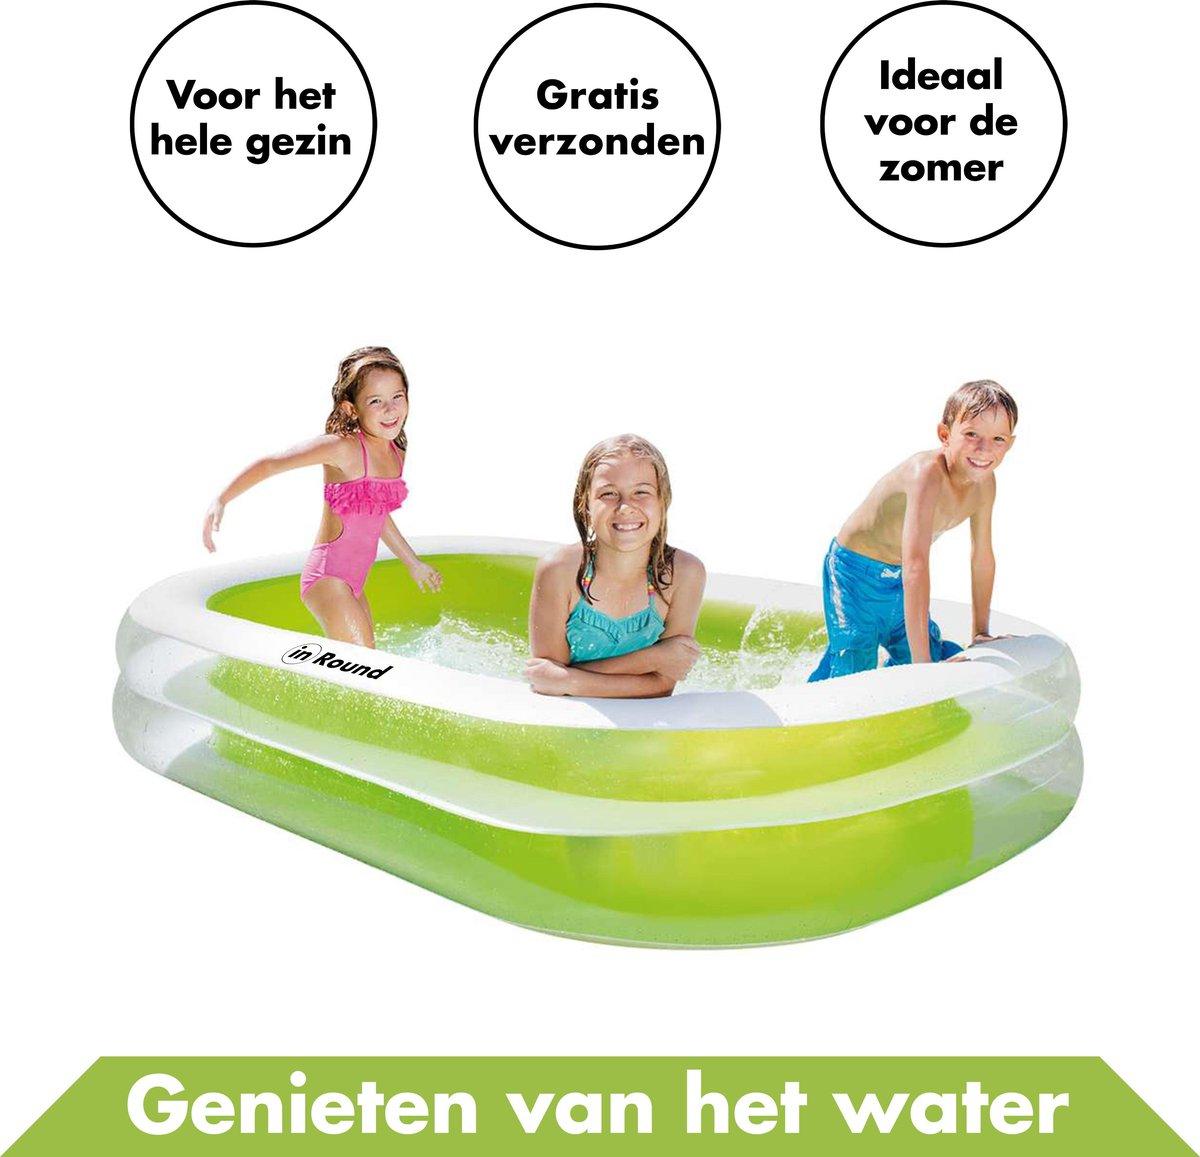 Opblaasbaar Zwembad - 262 x 175 x 56 cm - Blauw/Groen - Voor Kinderen en Volwassenen - Vinyl - Familie - Opblaaszwembad - Rechthoekig - Waterpret - Zwembaden - Opblaasbare - Swimming Pool - Inflatable - Tuin - Zwemmen - Groot - Zomer Speelgoed Buiten